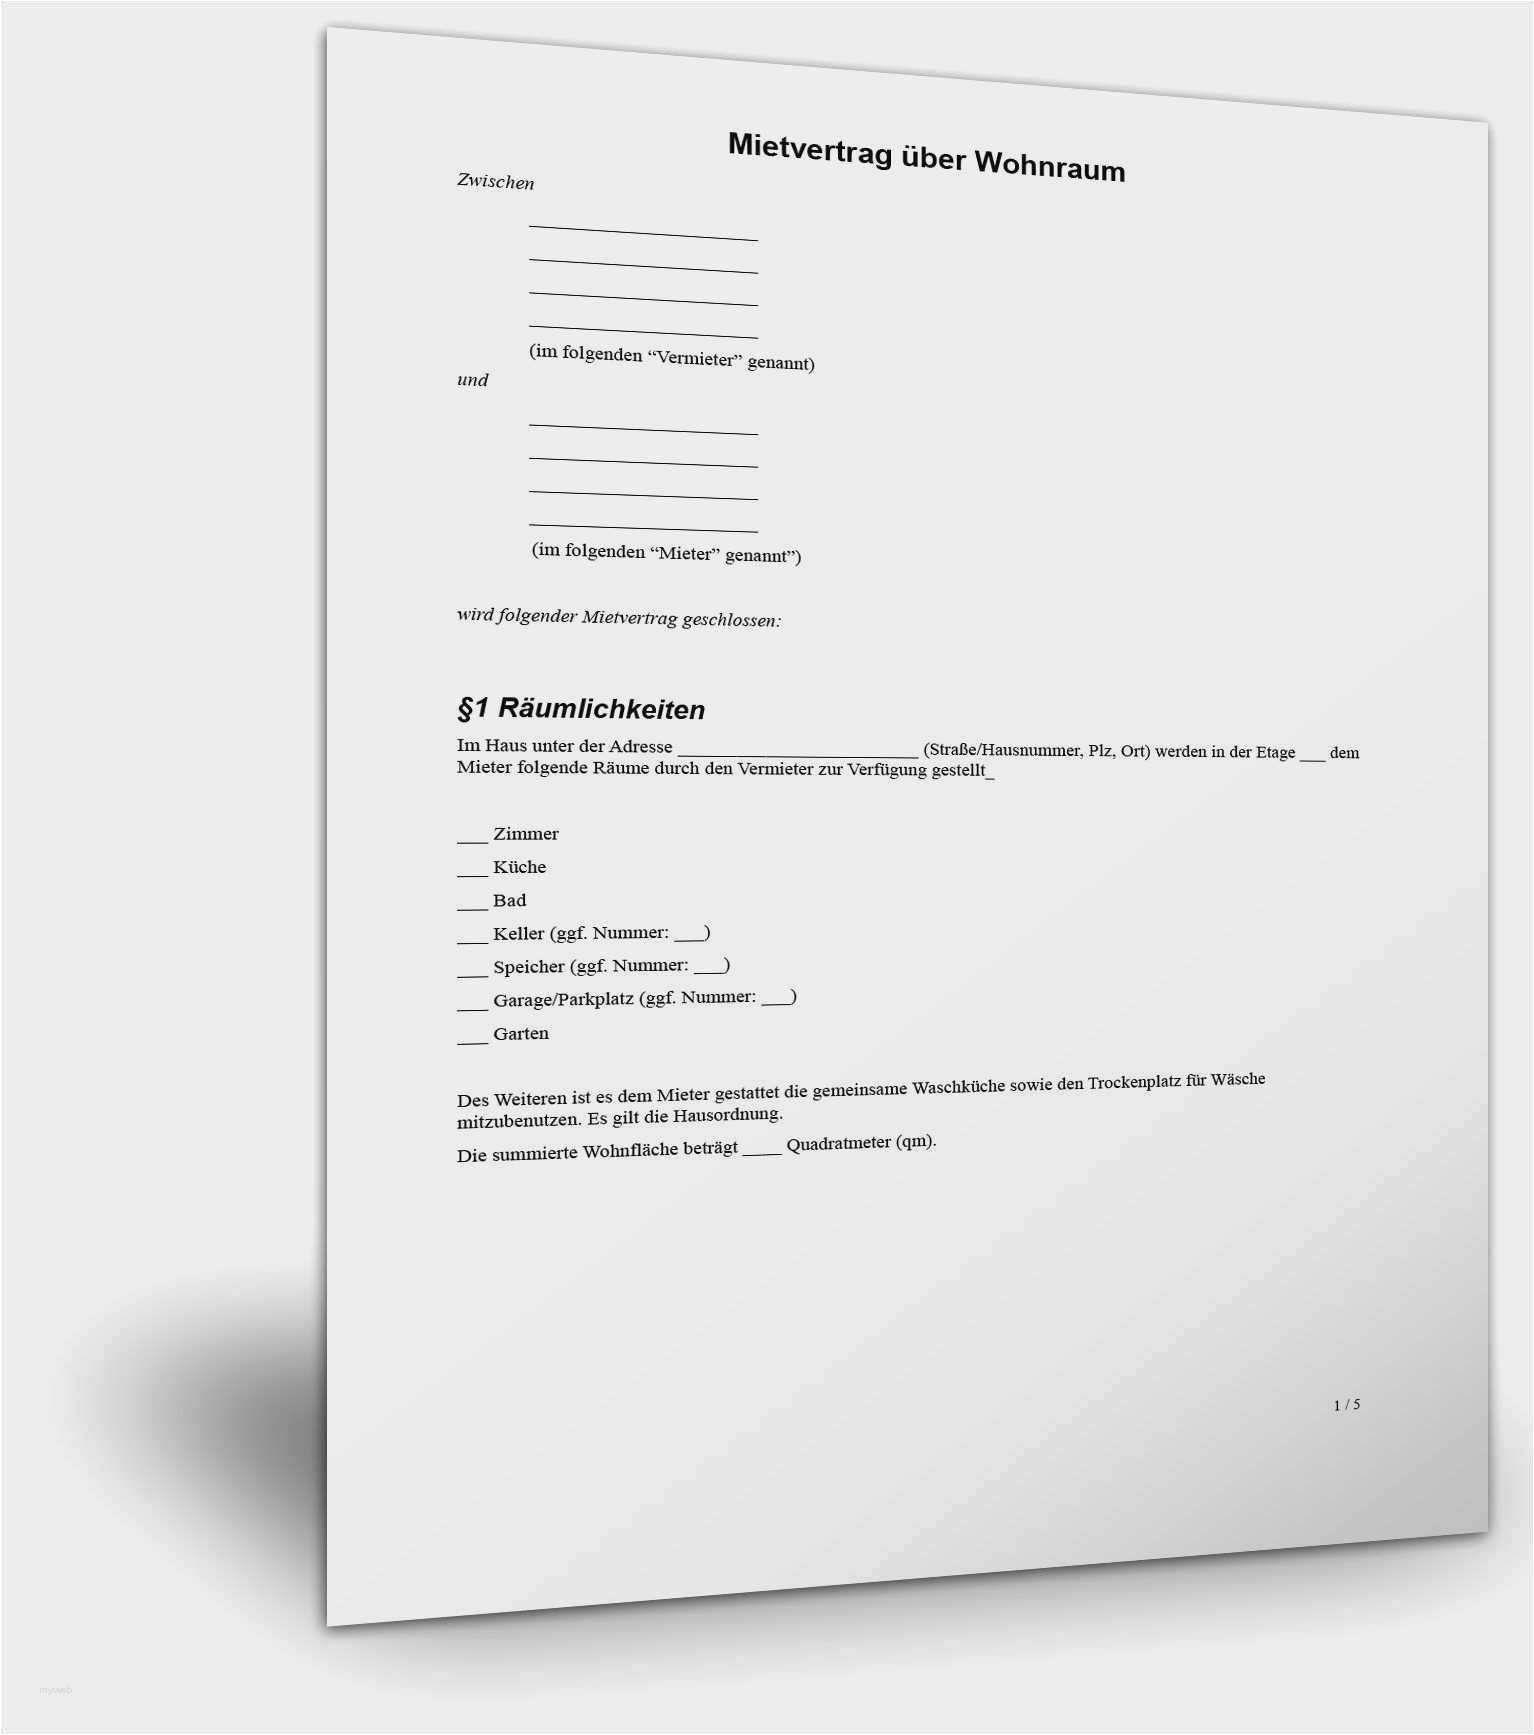 Neu Unfallversicherung Kundigen Vorlage In 2020 Vorlage Kundigung Mietvertrag Flugblatt Design Vorlagen